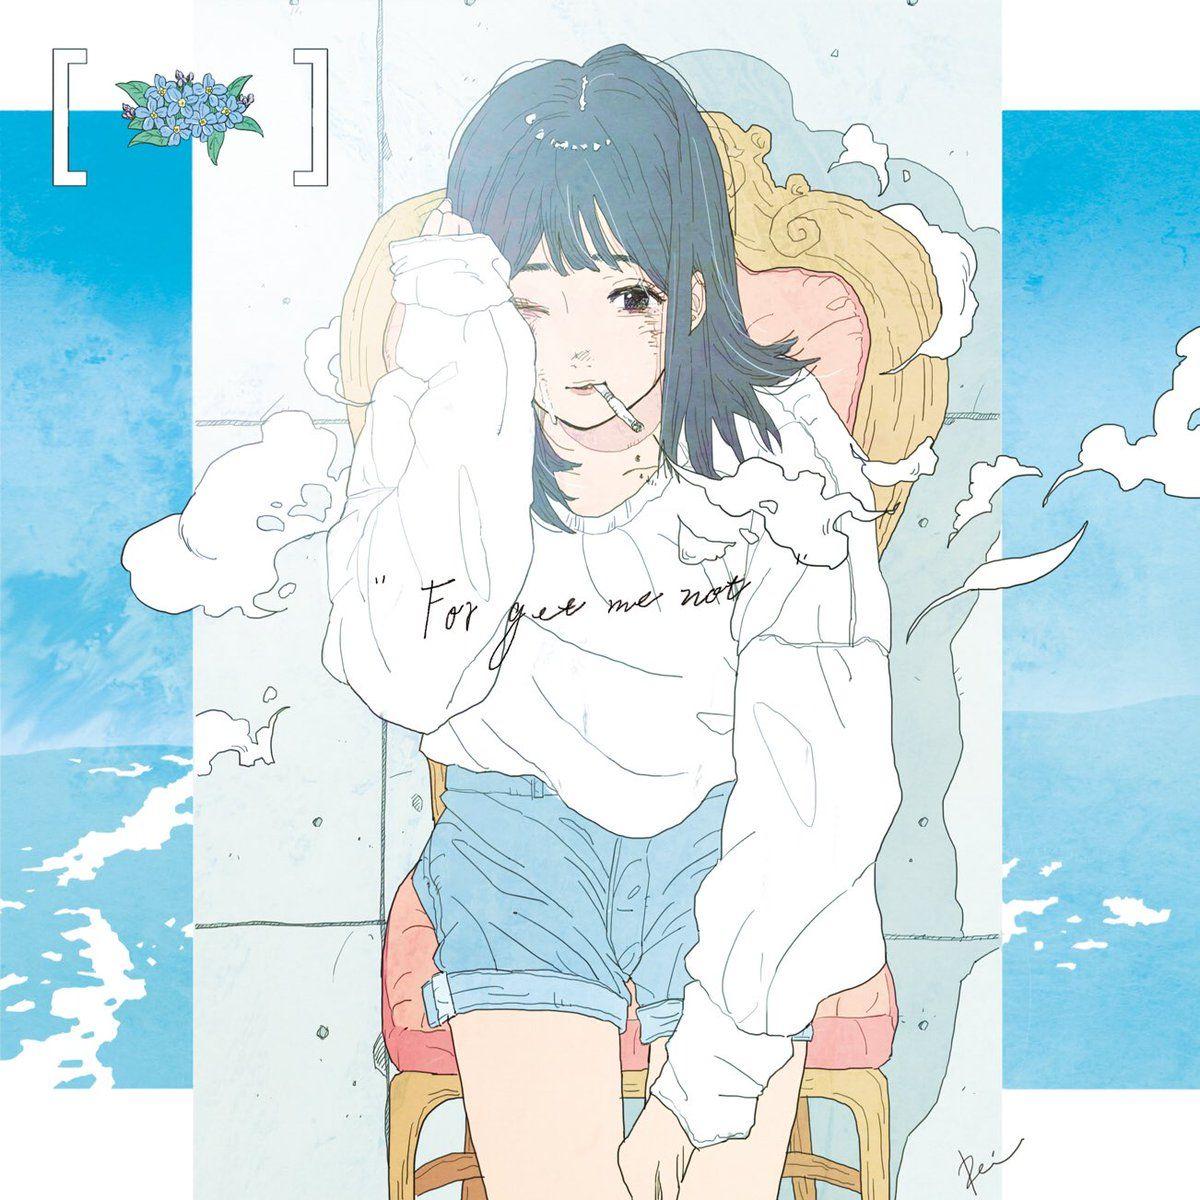 Rei kato on anime anime art manga art art - Art aesthetic wallpaper ...